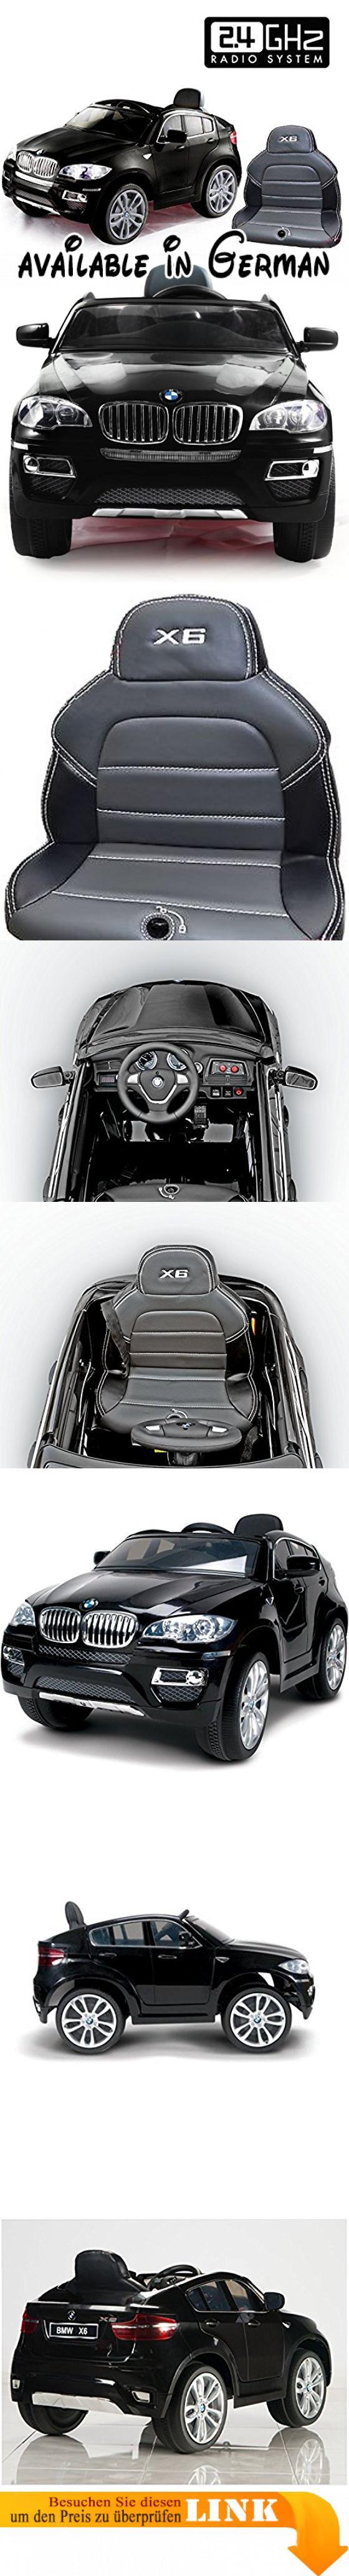 BMW X6 Schwarz, Original Linzensiert Kinderfahrzeug, Kinder Elektroauto, Kinderauto mit genähte Ledersitz, 2x Motor, 12-V-Batterie, mit 2,4 GHz Bluetooth Fernbedienung, Sanftanlauf. ABSOLUT NEU AUF DEM MARKT! Mit genähte Ledersitz! ORIGINAL LIZENZ BMW X6 elektrische Kinderfahrzeug mit Fernsteuerung und das Öffnen der Tür!. Drive - 2x motor/12V (Antrieb der beiden Hinterräder). Fernbedienung für Eltern - ein Vorteil, wenn ein Kind nicht alleine fahren. Für Kinder ab